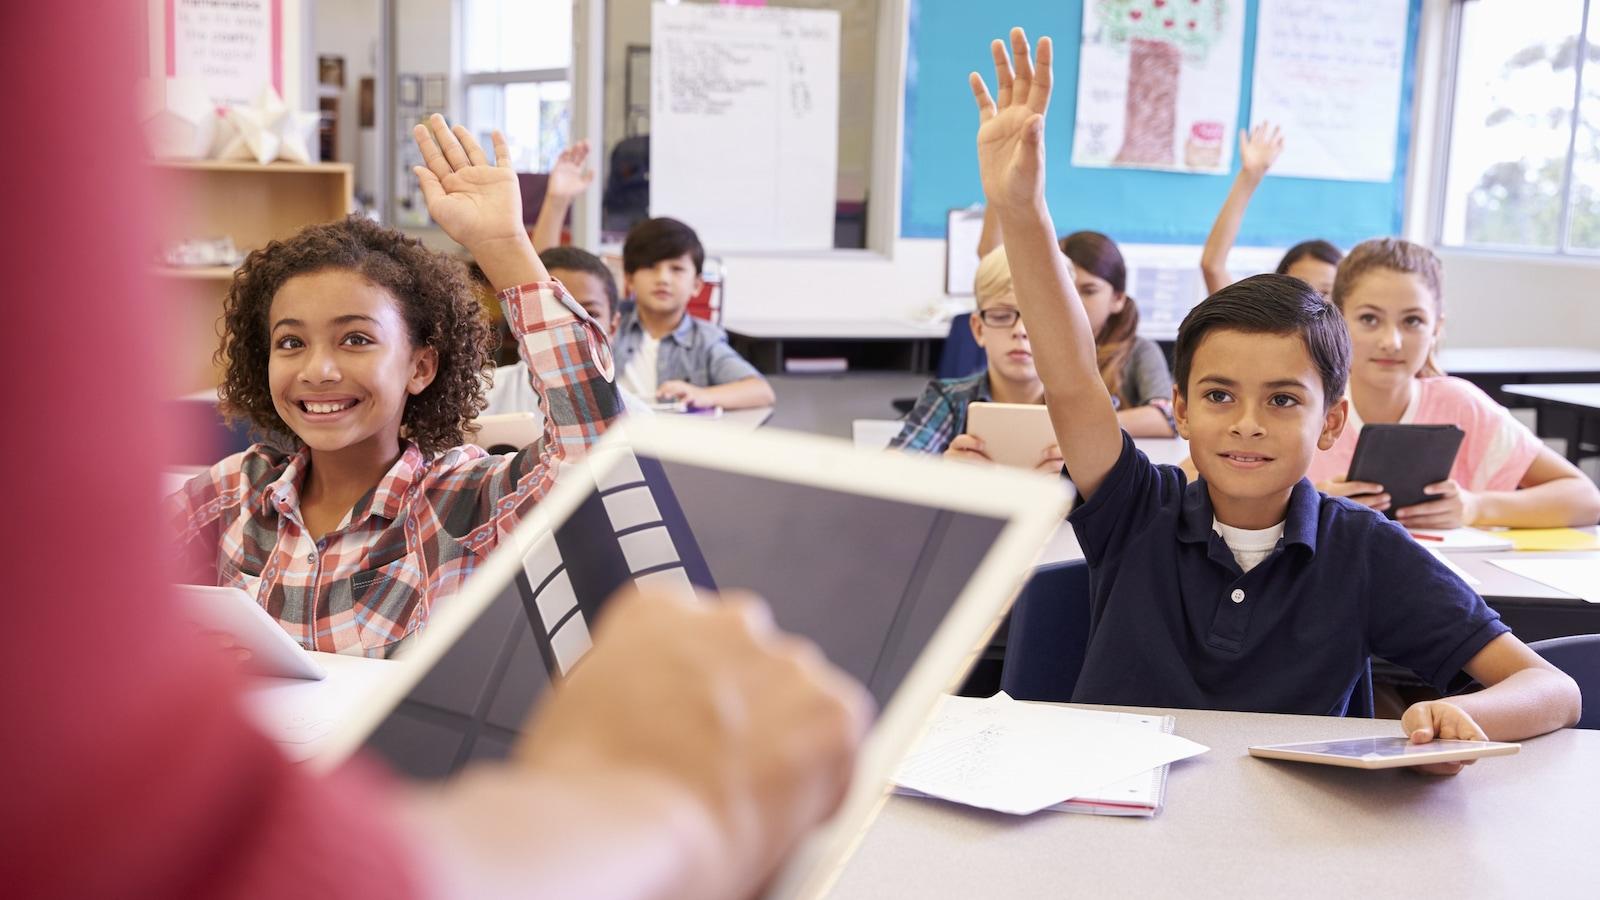 L'utilisation de nouvelles technologies dans les classes est de plus en plus populaire.